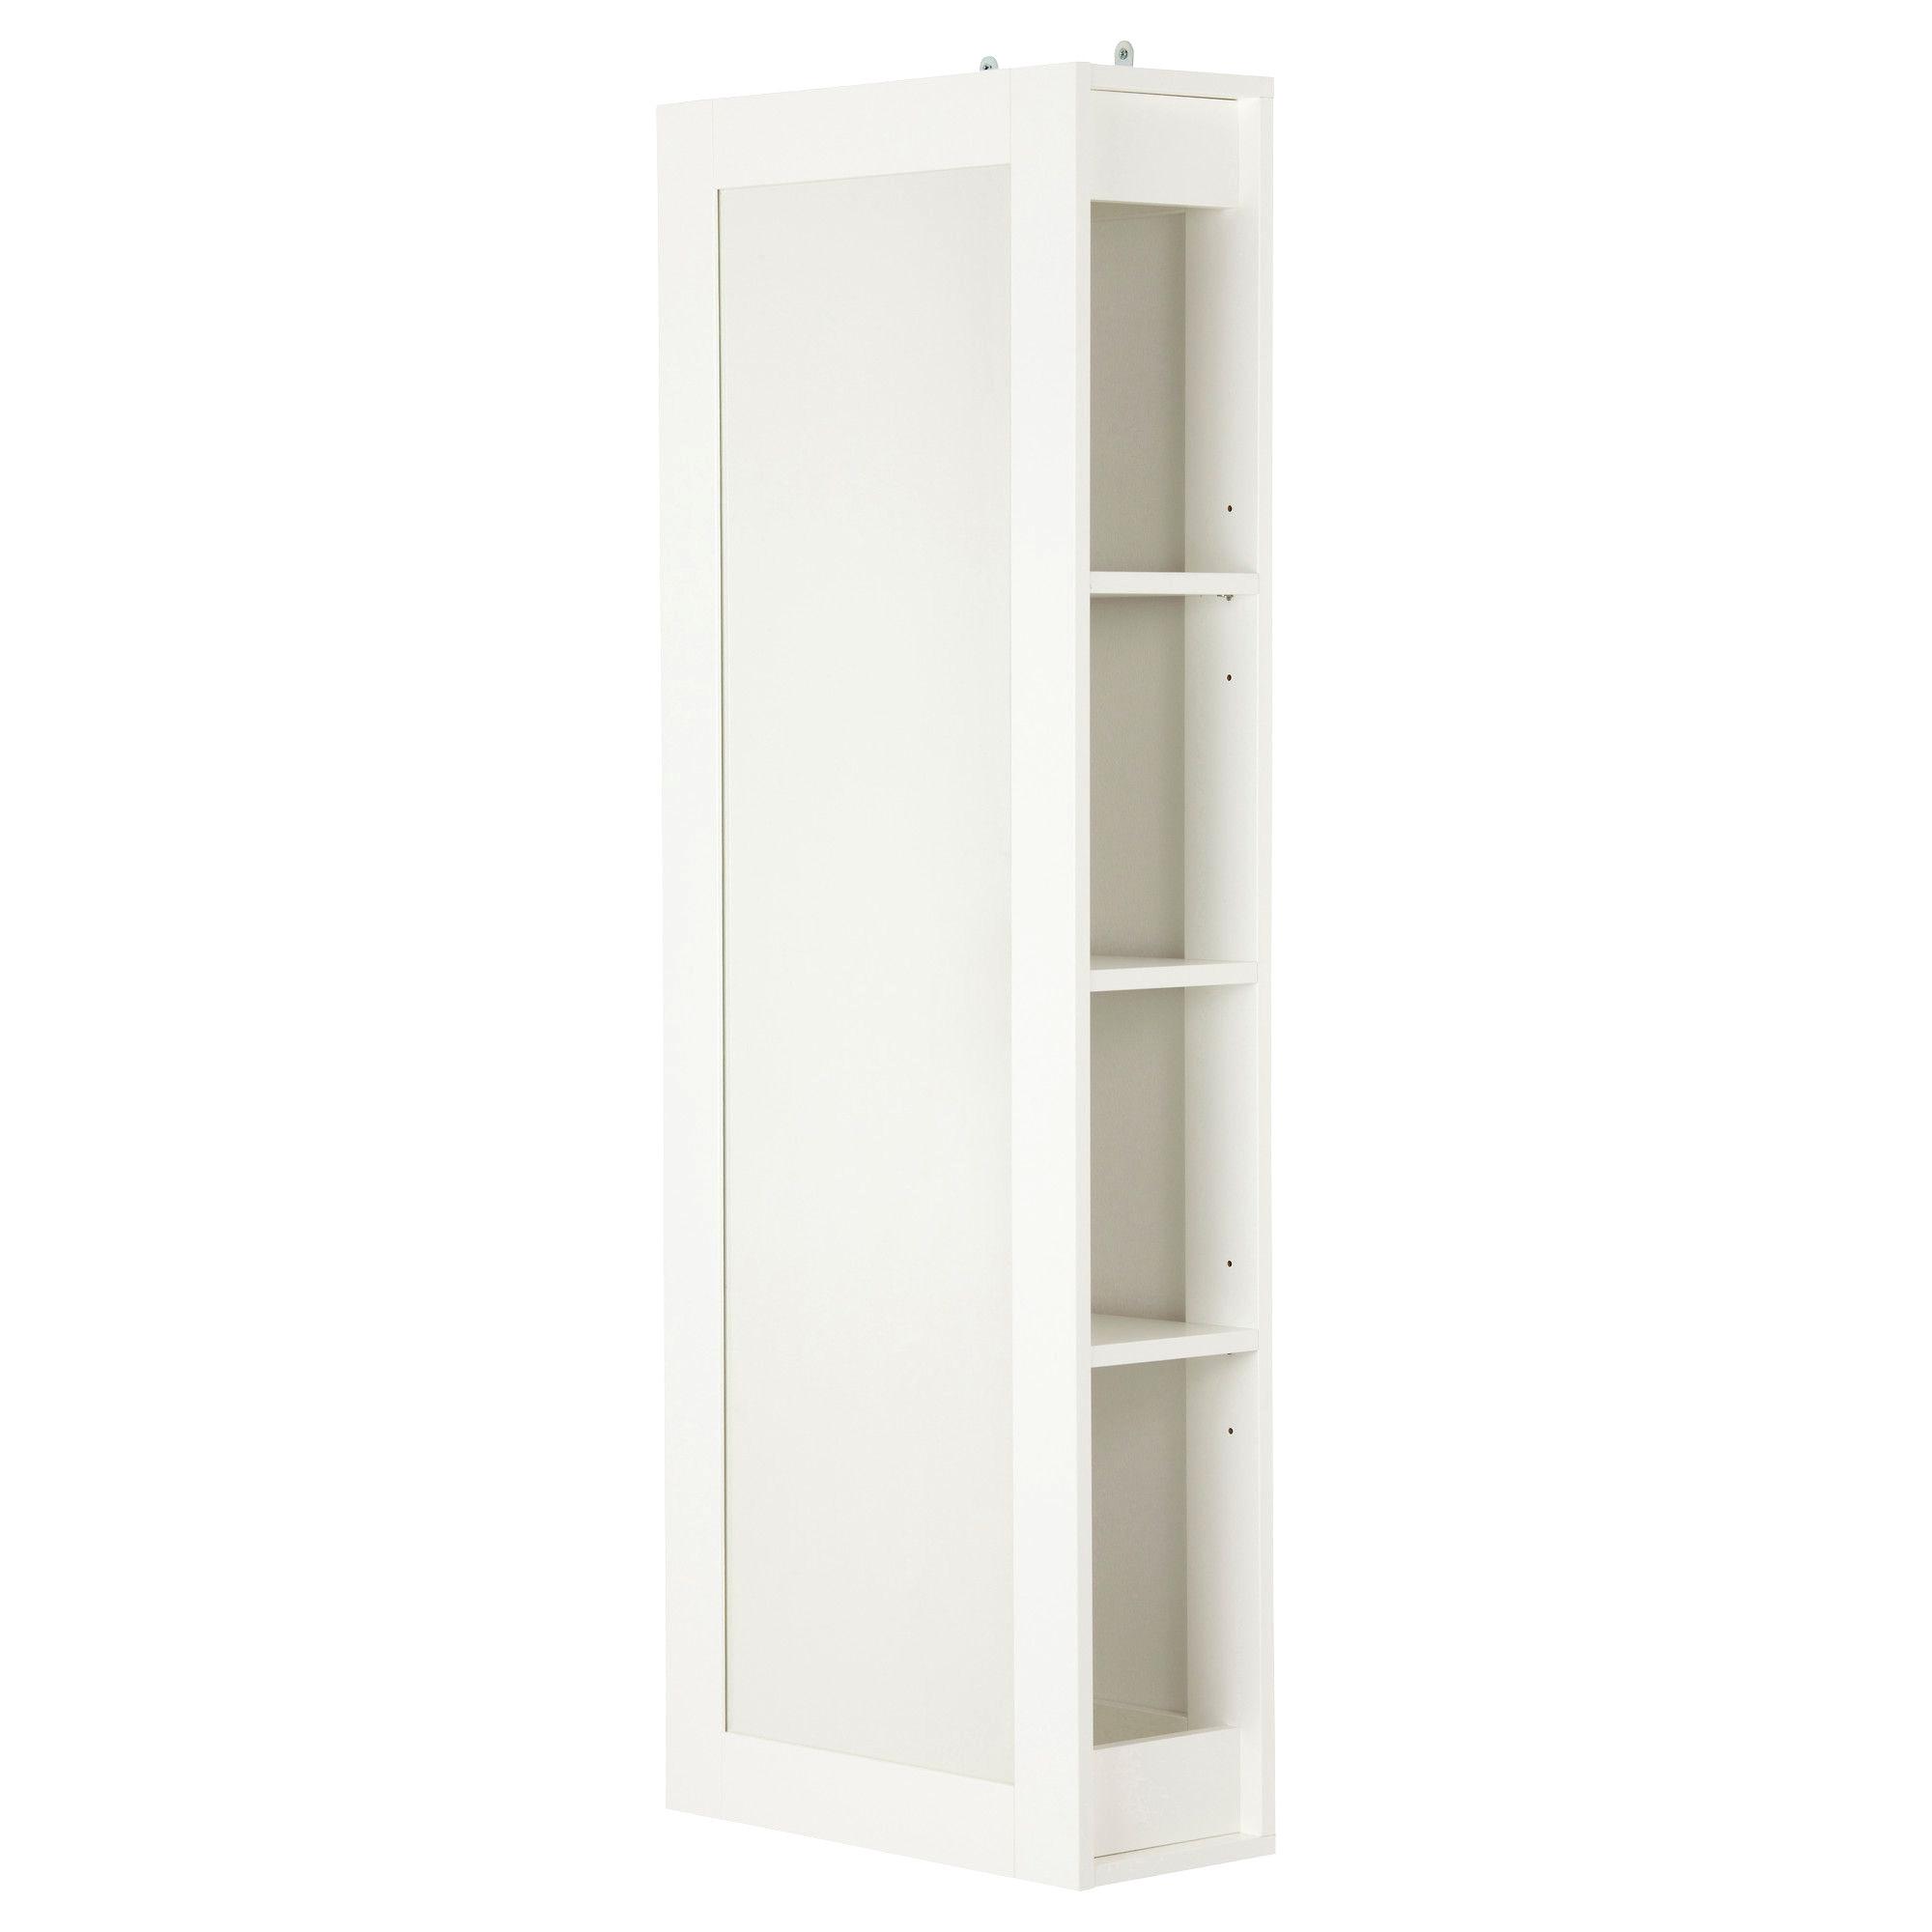 Salle De Jeux Ikea Frais Photographie Meuble Rangement Salle De Jeux Meilleur De Brimnes Miroir Avec